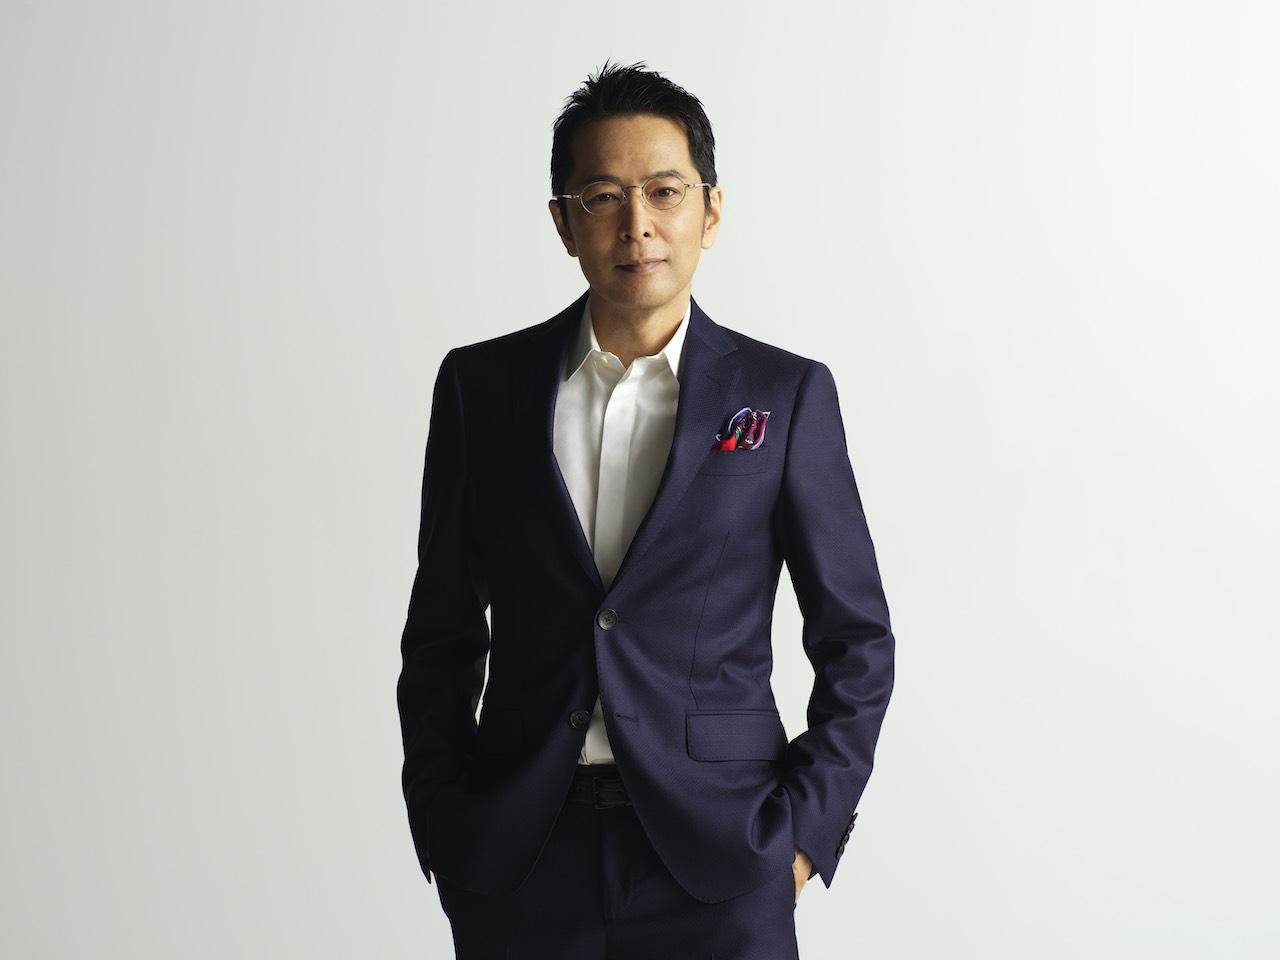 德永英明、待望のオリジナルアルバム「LOVE PERSON」発売決定!